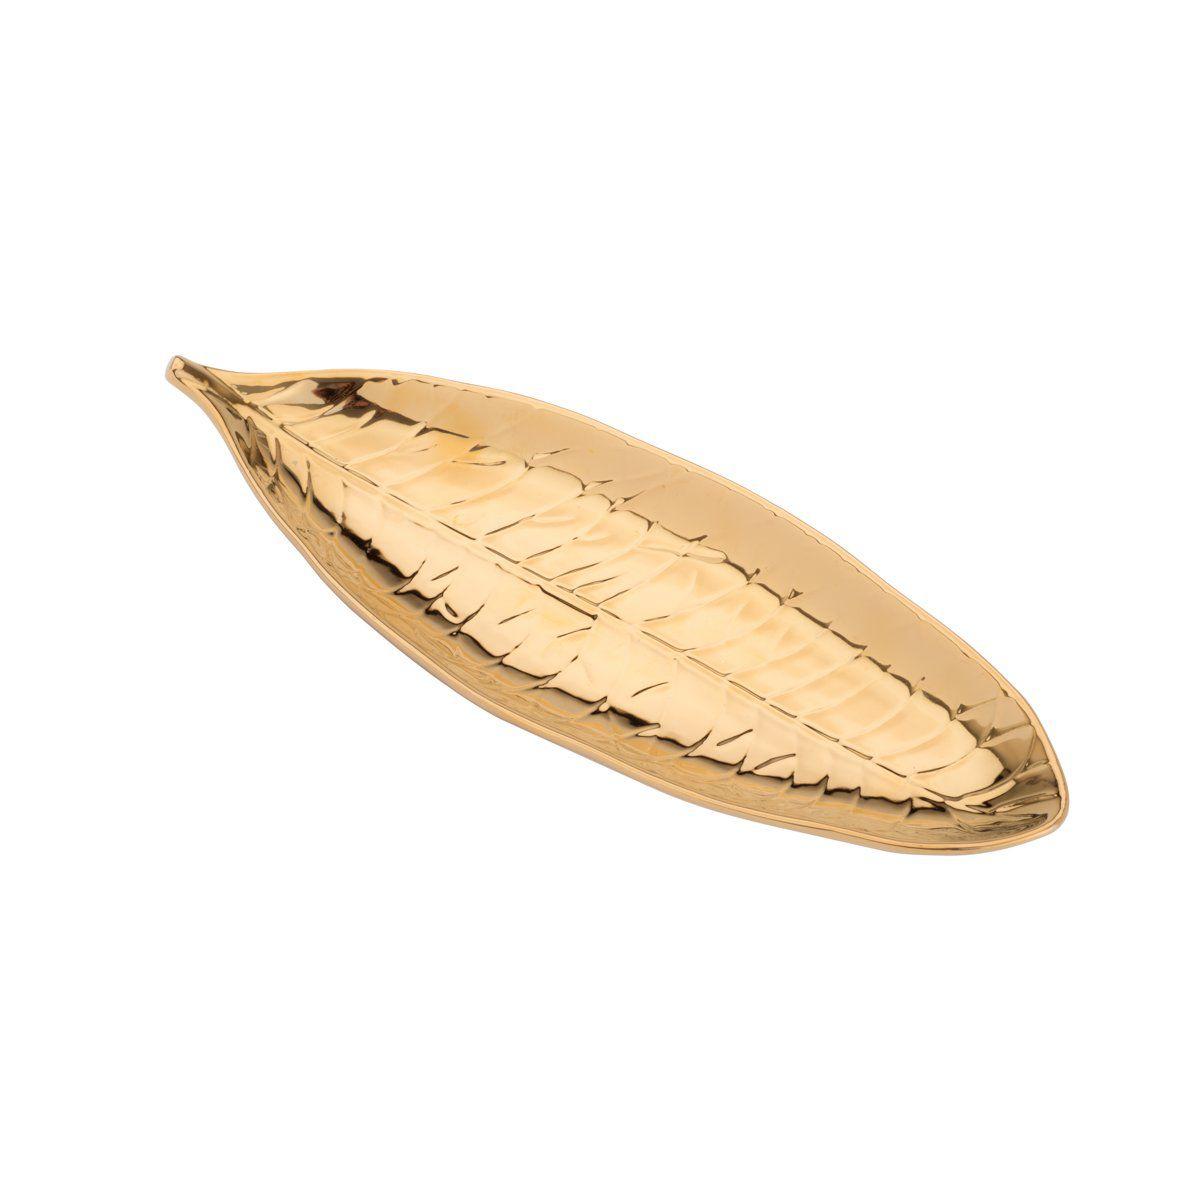 Folha decorativa 31,5 x 12 cm de porcelana dourada Pachira Prestige - 26814